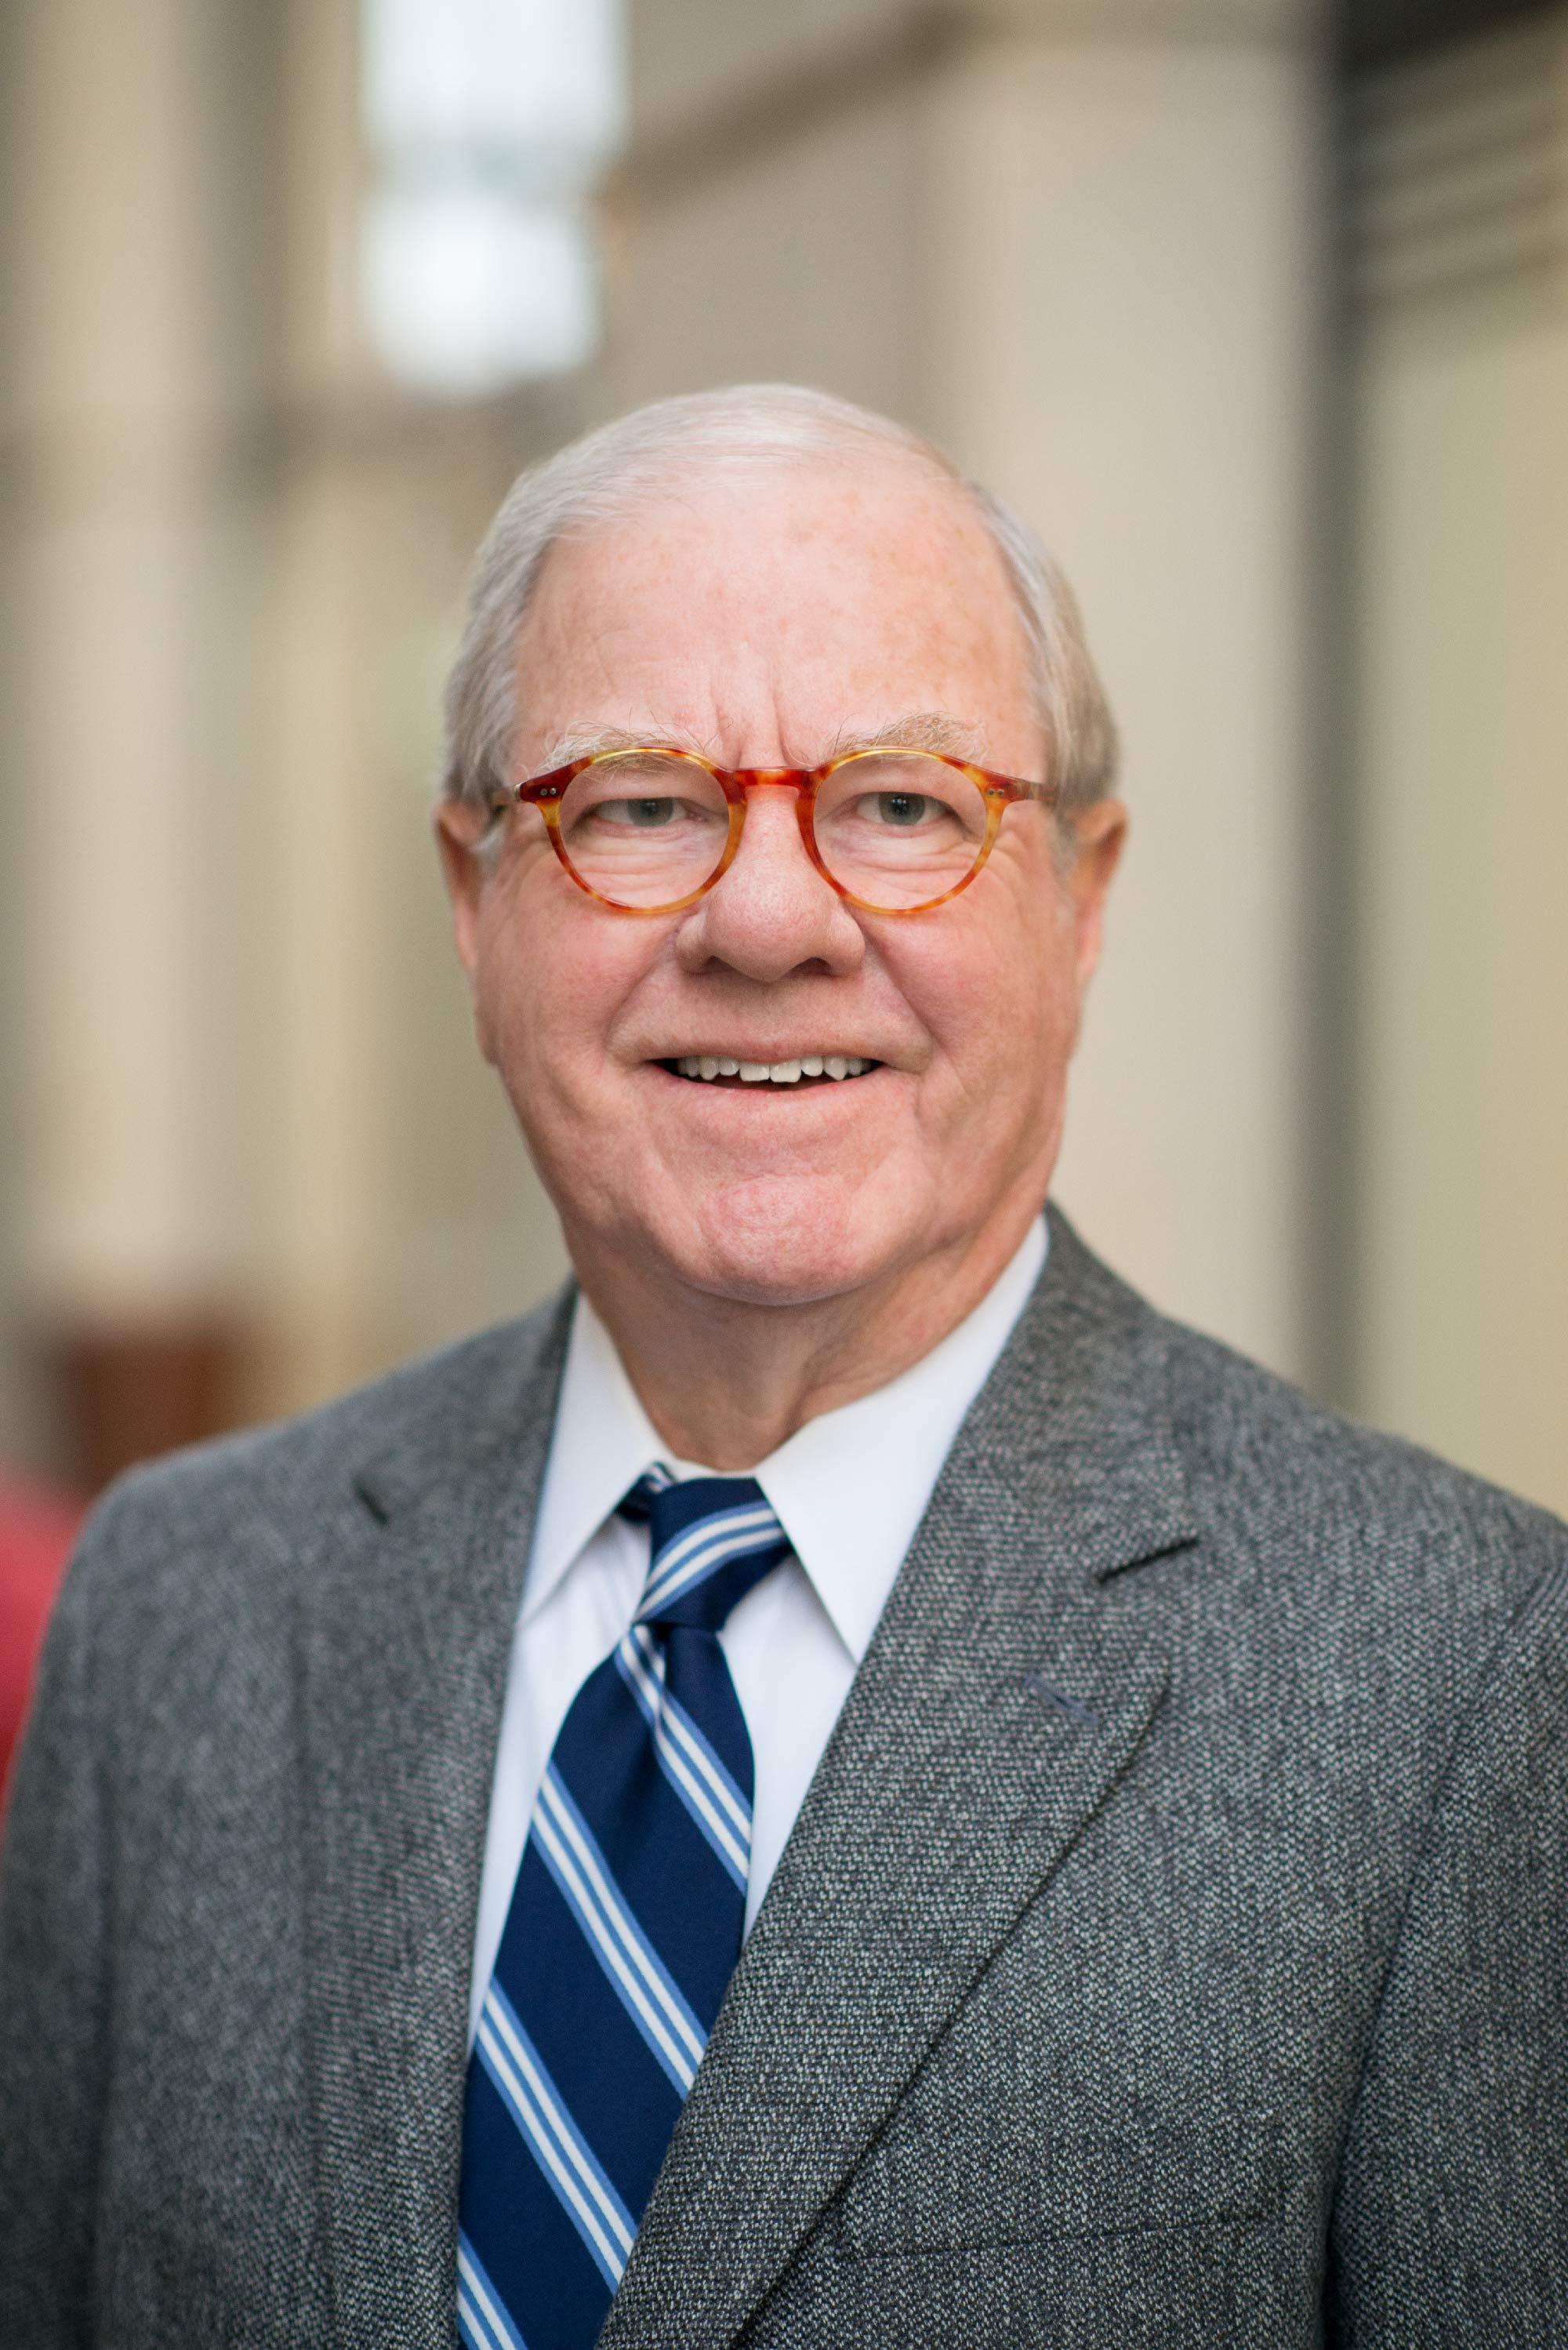 Lester V. Baum